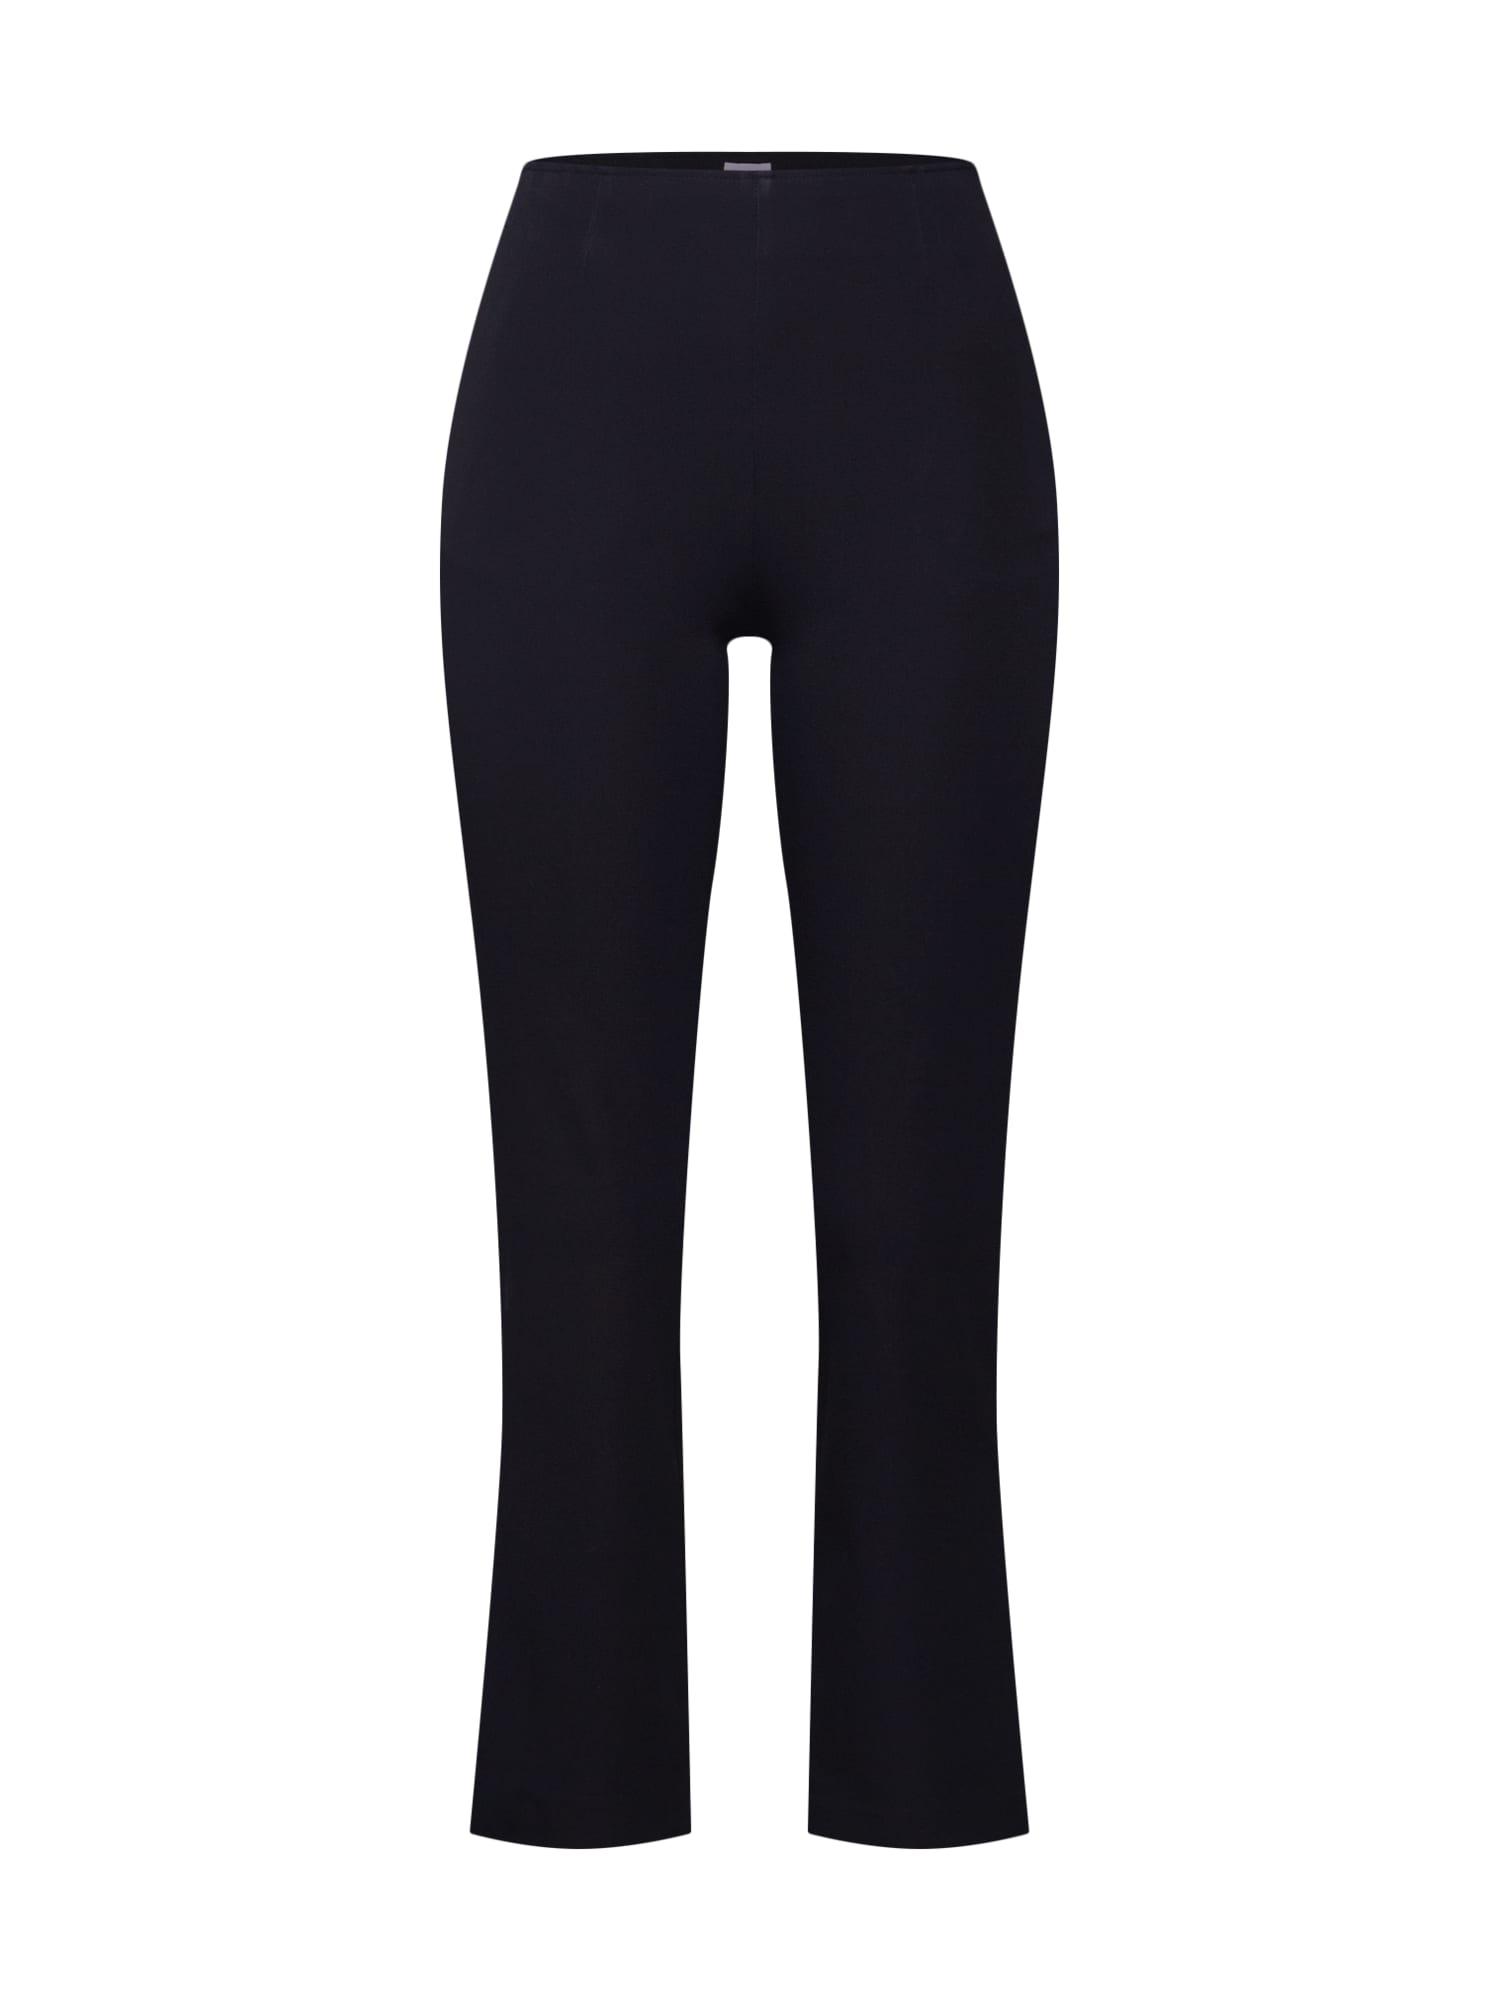 Kalhoty SH HI-RISE CROP FLARE černá GAP